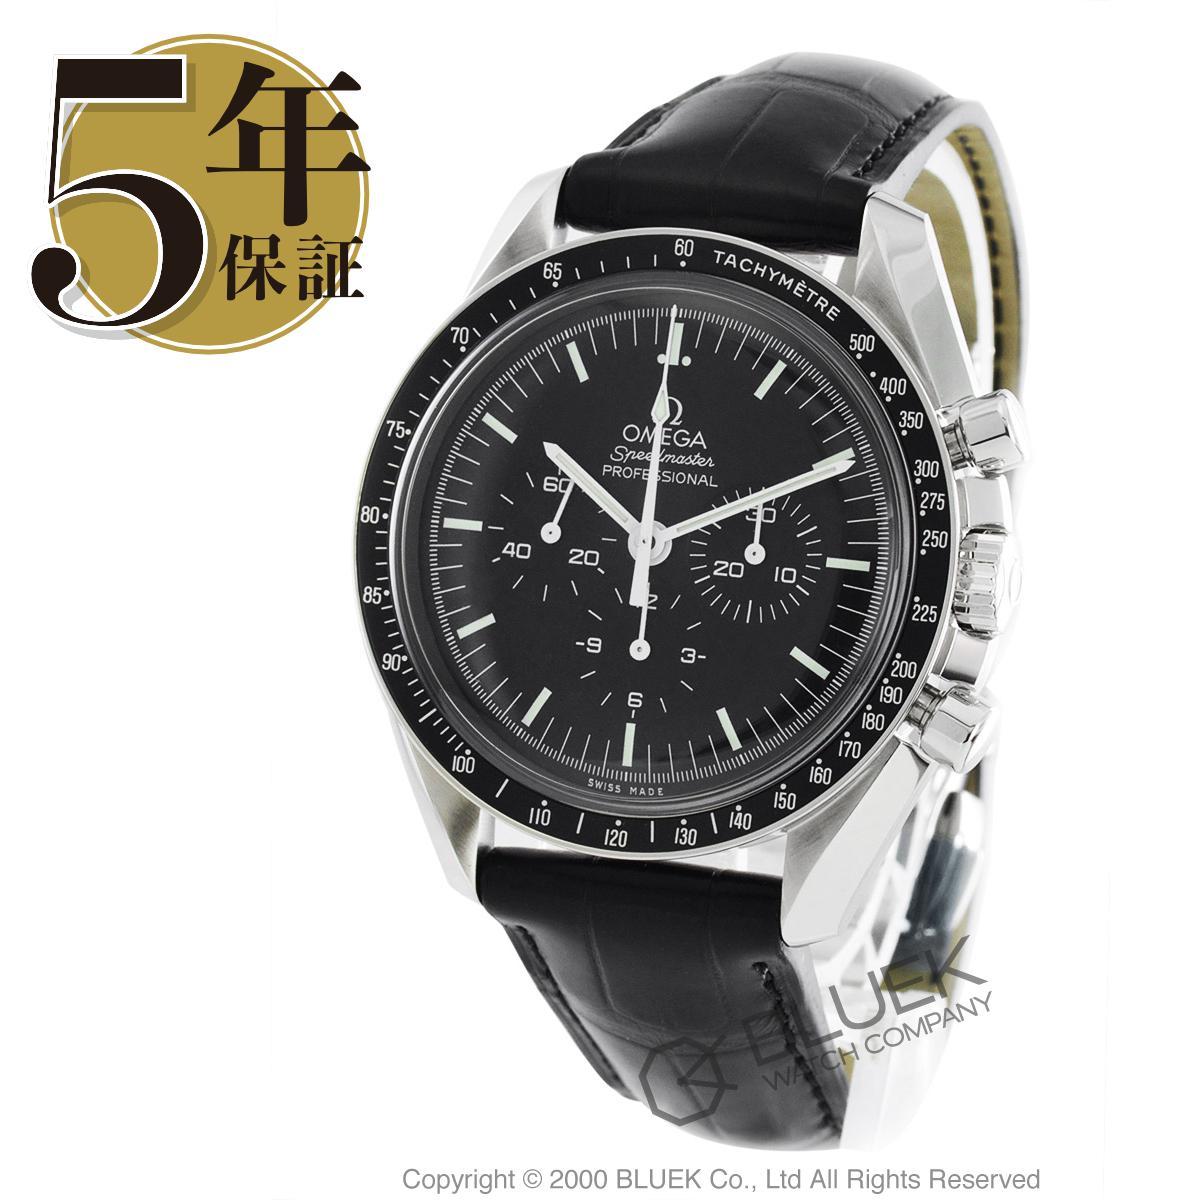 オメガ スピードマスター ムーンウォッチ プロフェッショナル プロフェッショナル クロノグラフ アリゲーターレザー 腕時計 メンズ OMEGA 311.33.42.30.01.001_5